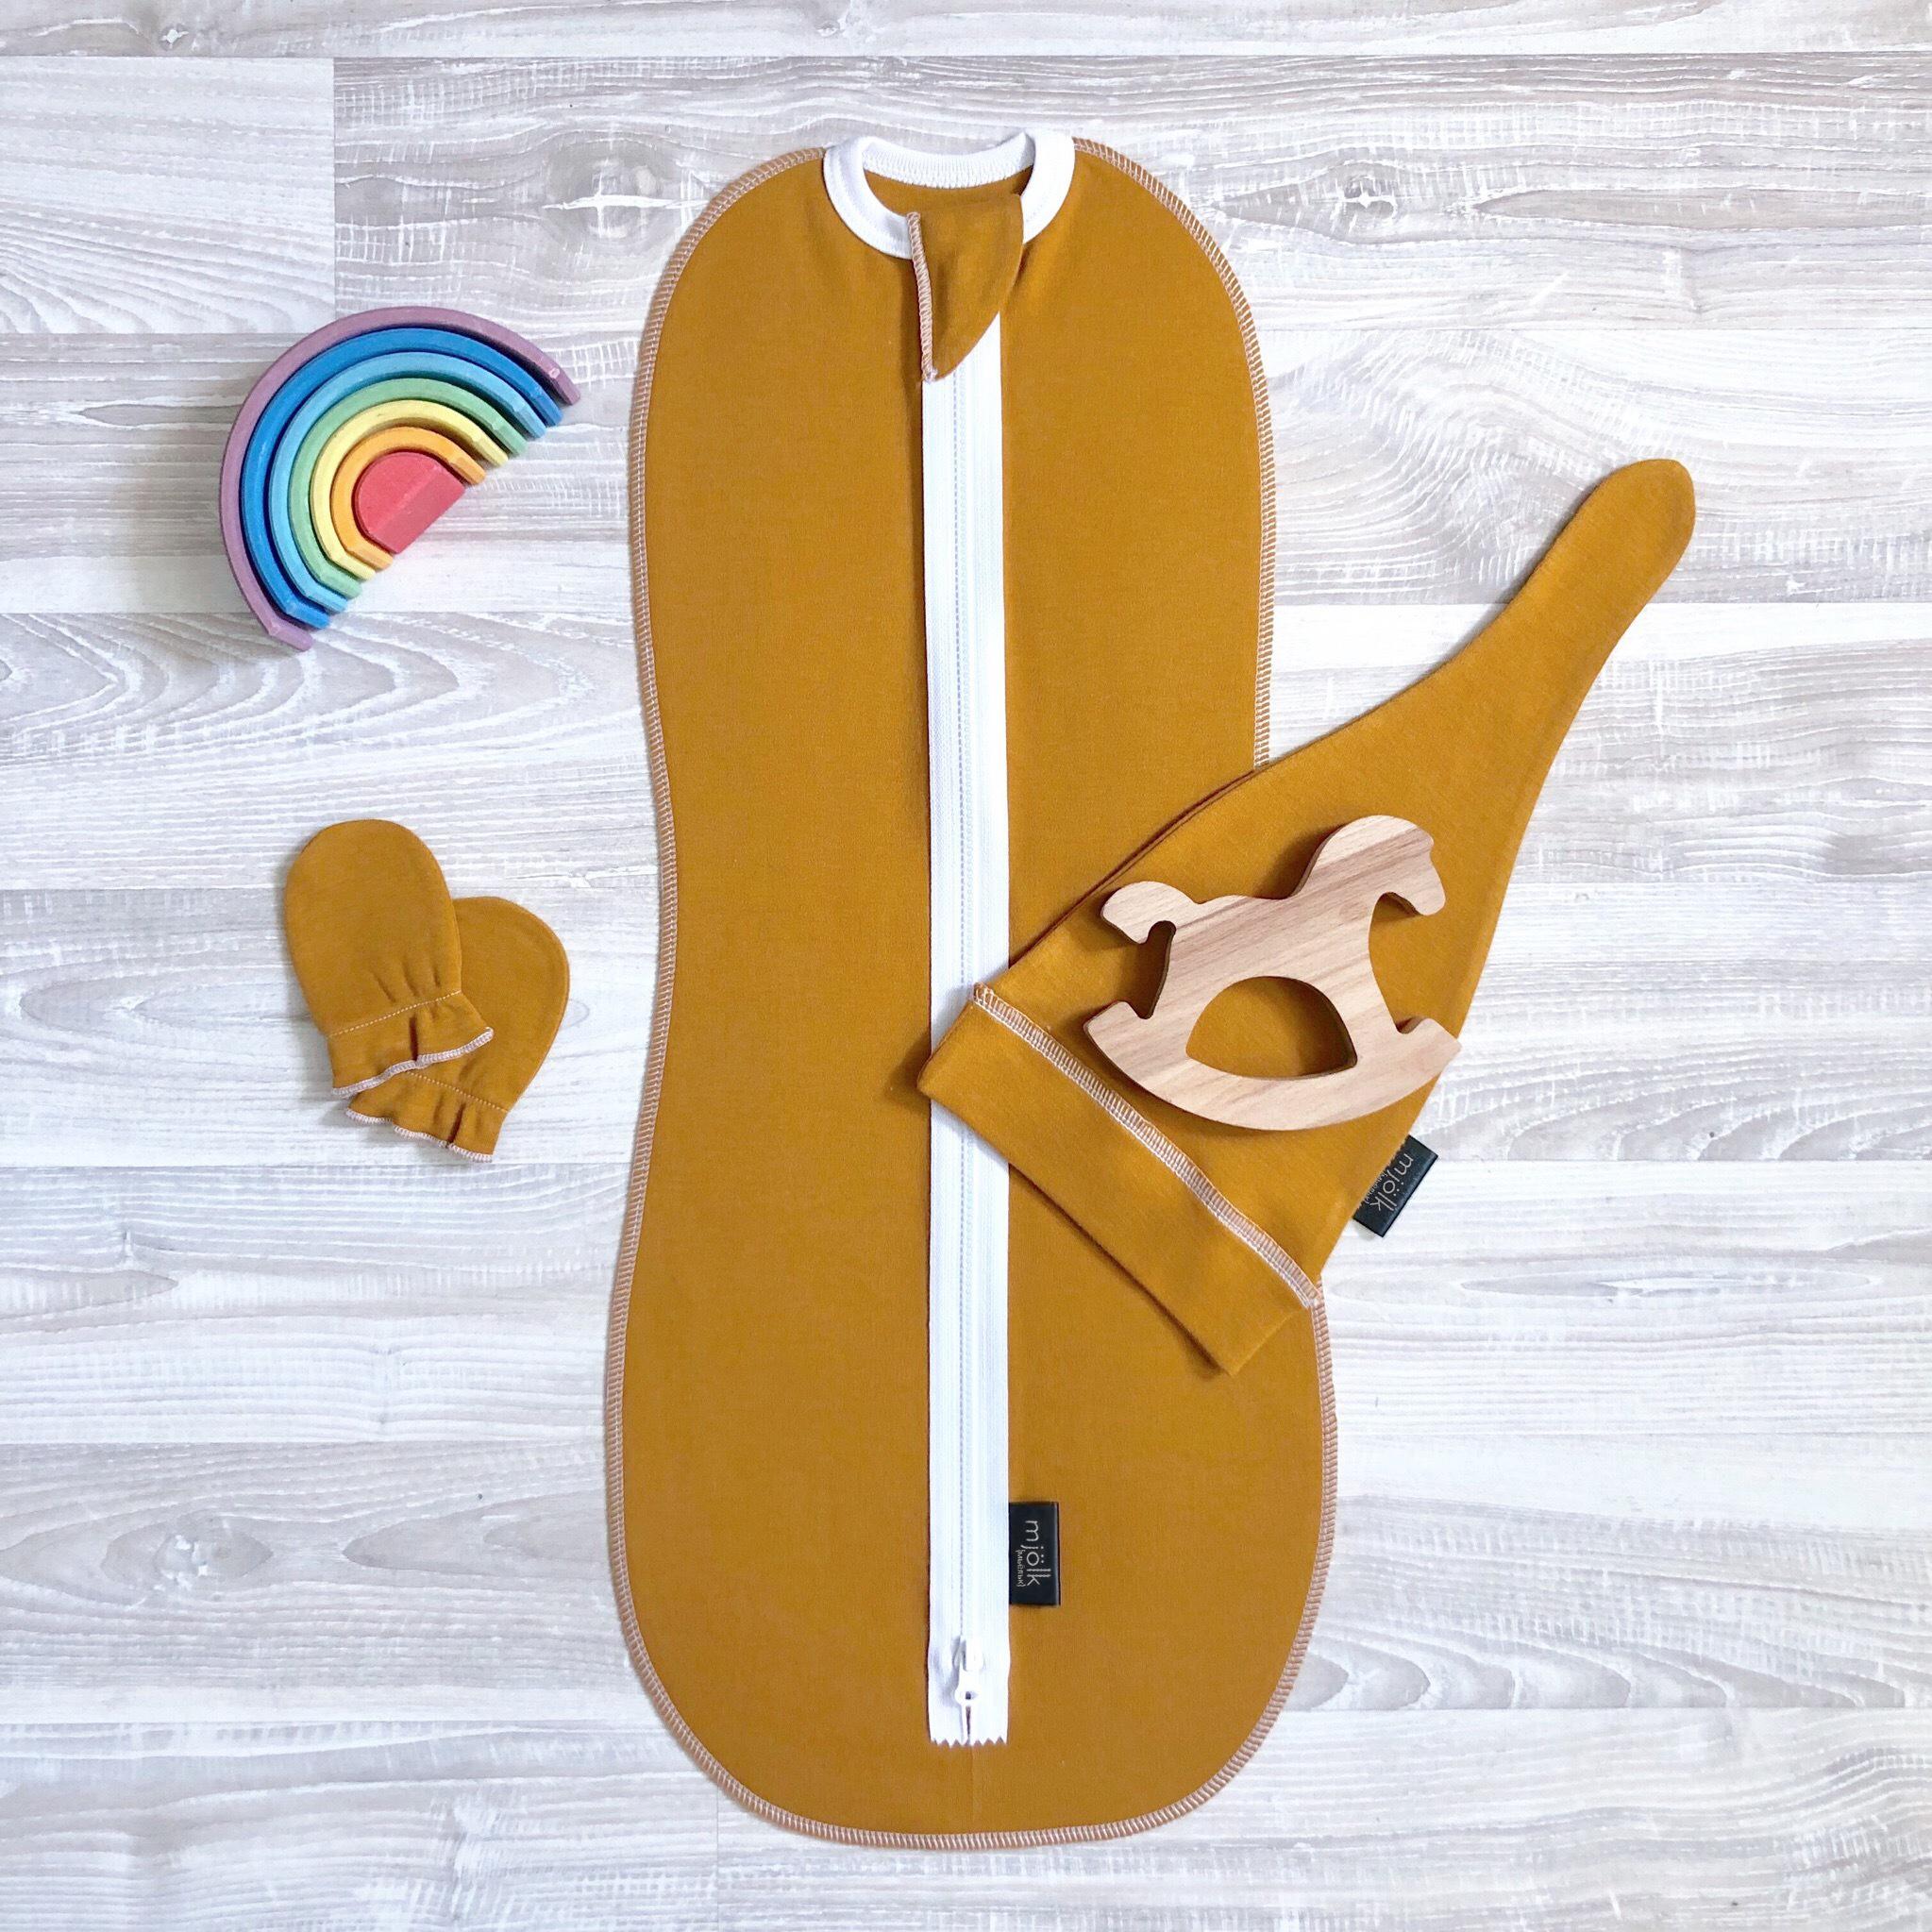 Комплект Mjölk Golden Brown Set {пеленальный кокон, шапочка, антицарапки}